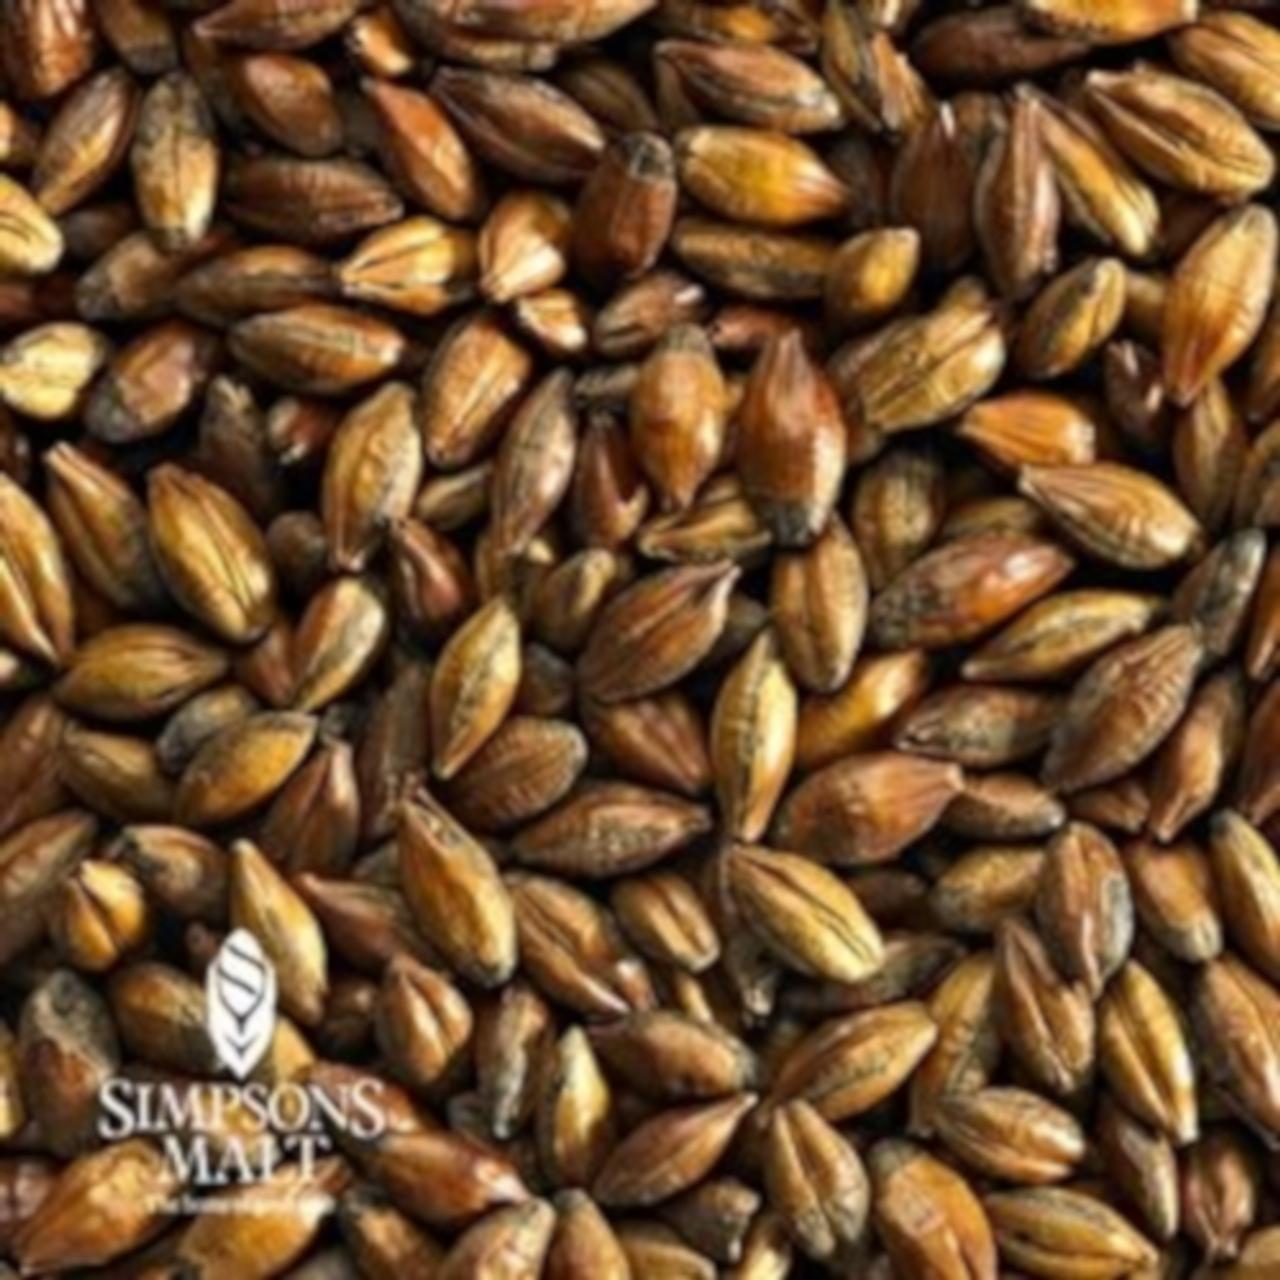 Specialty Malts & Unmalted Grains